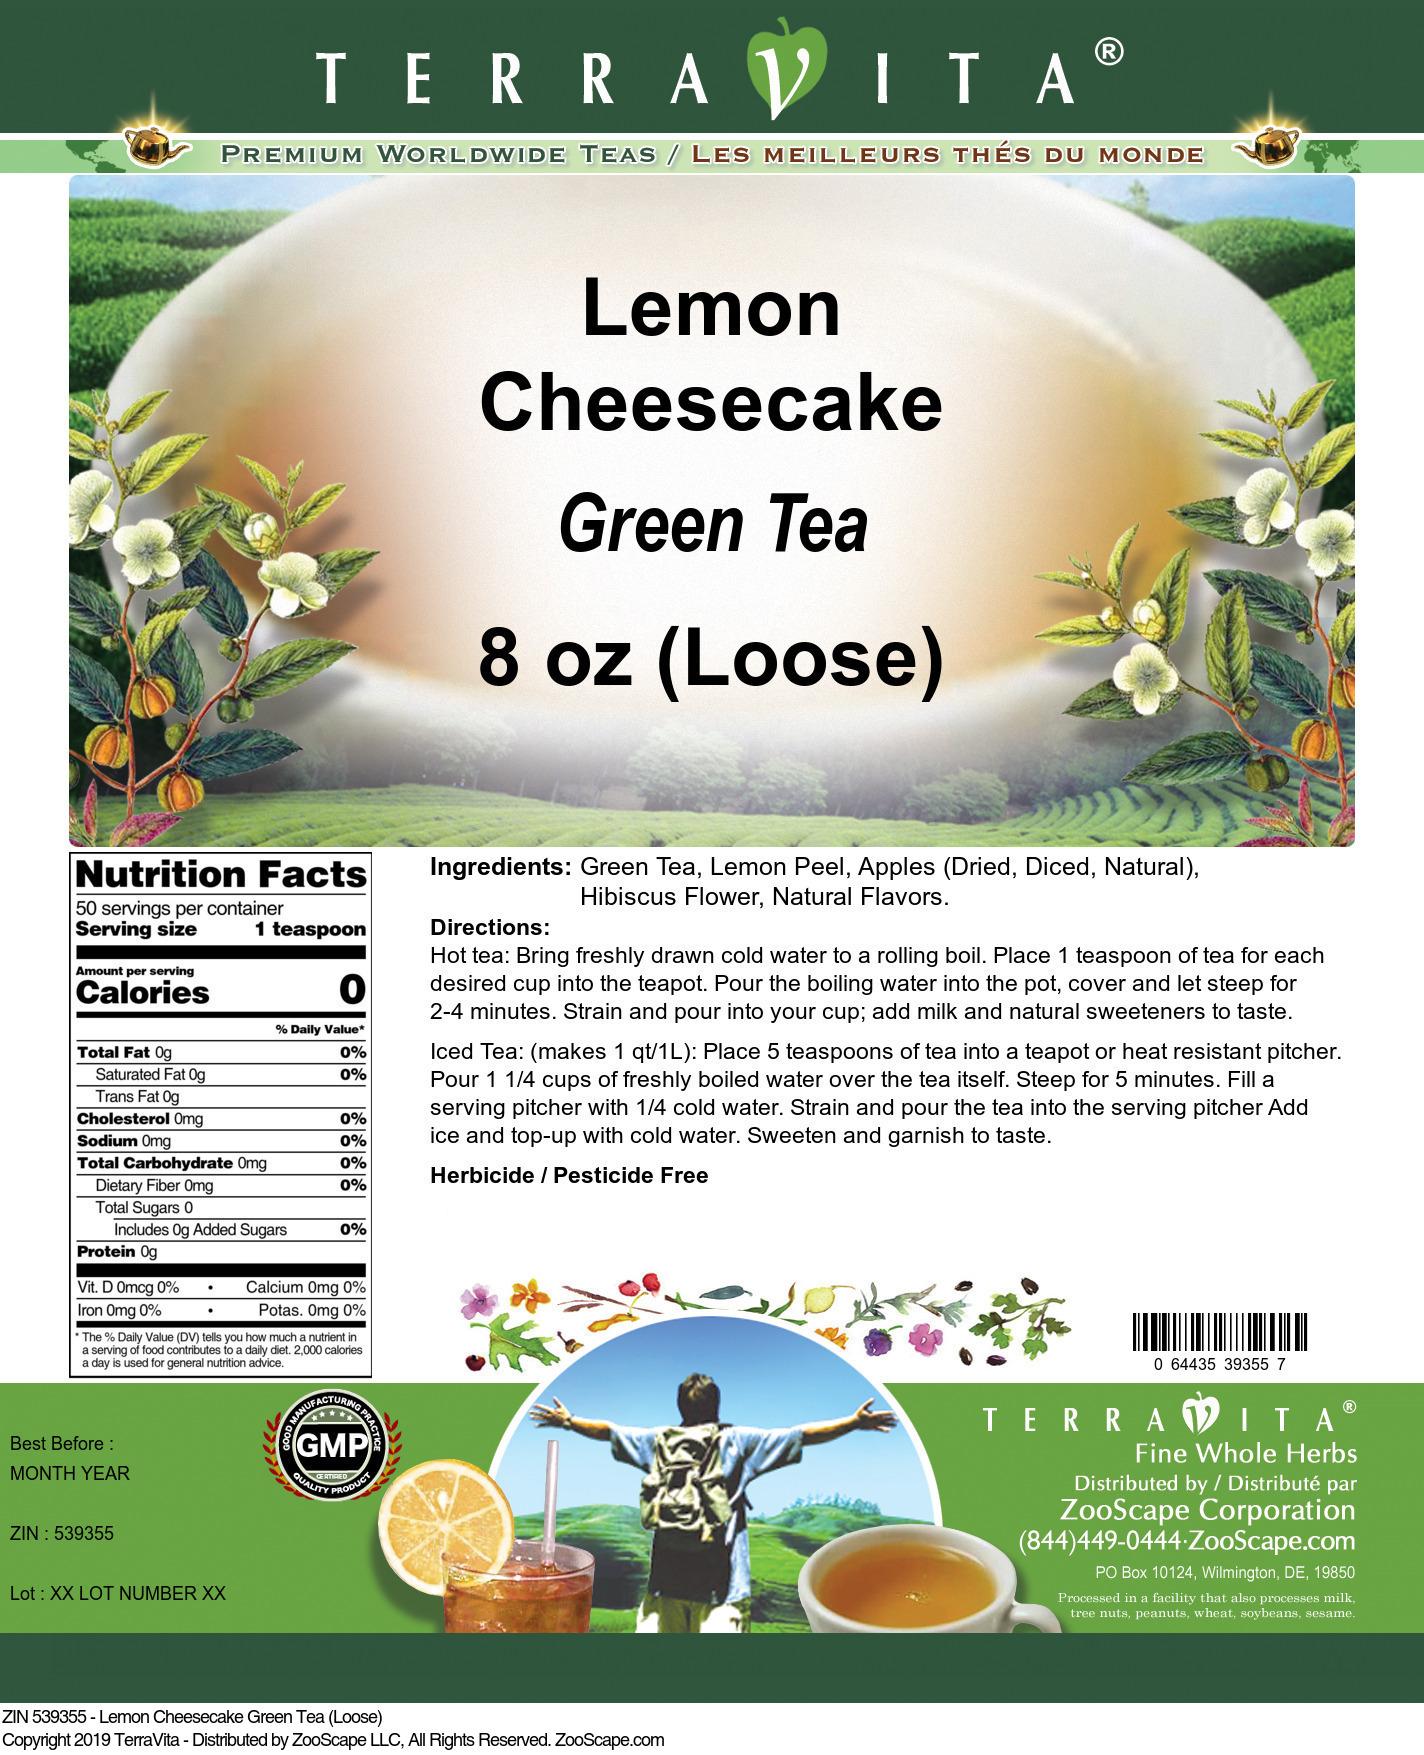 Lemon Cheesecake Green Tea (Loose)